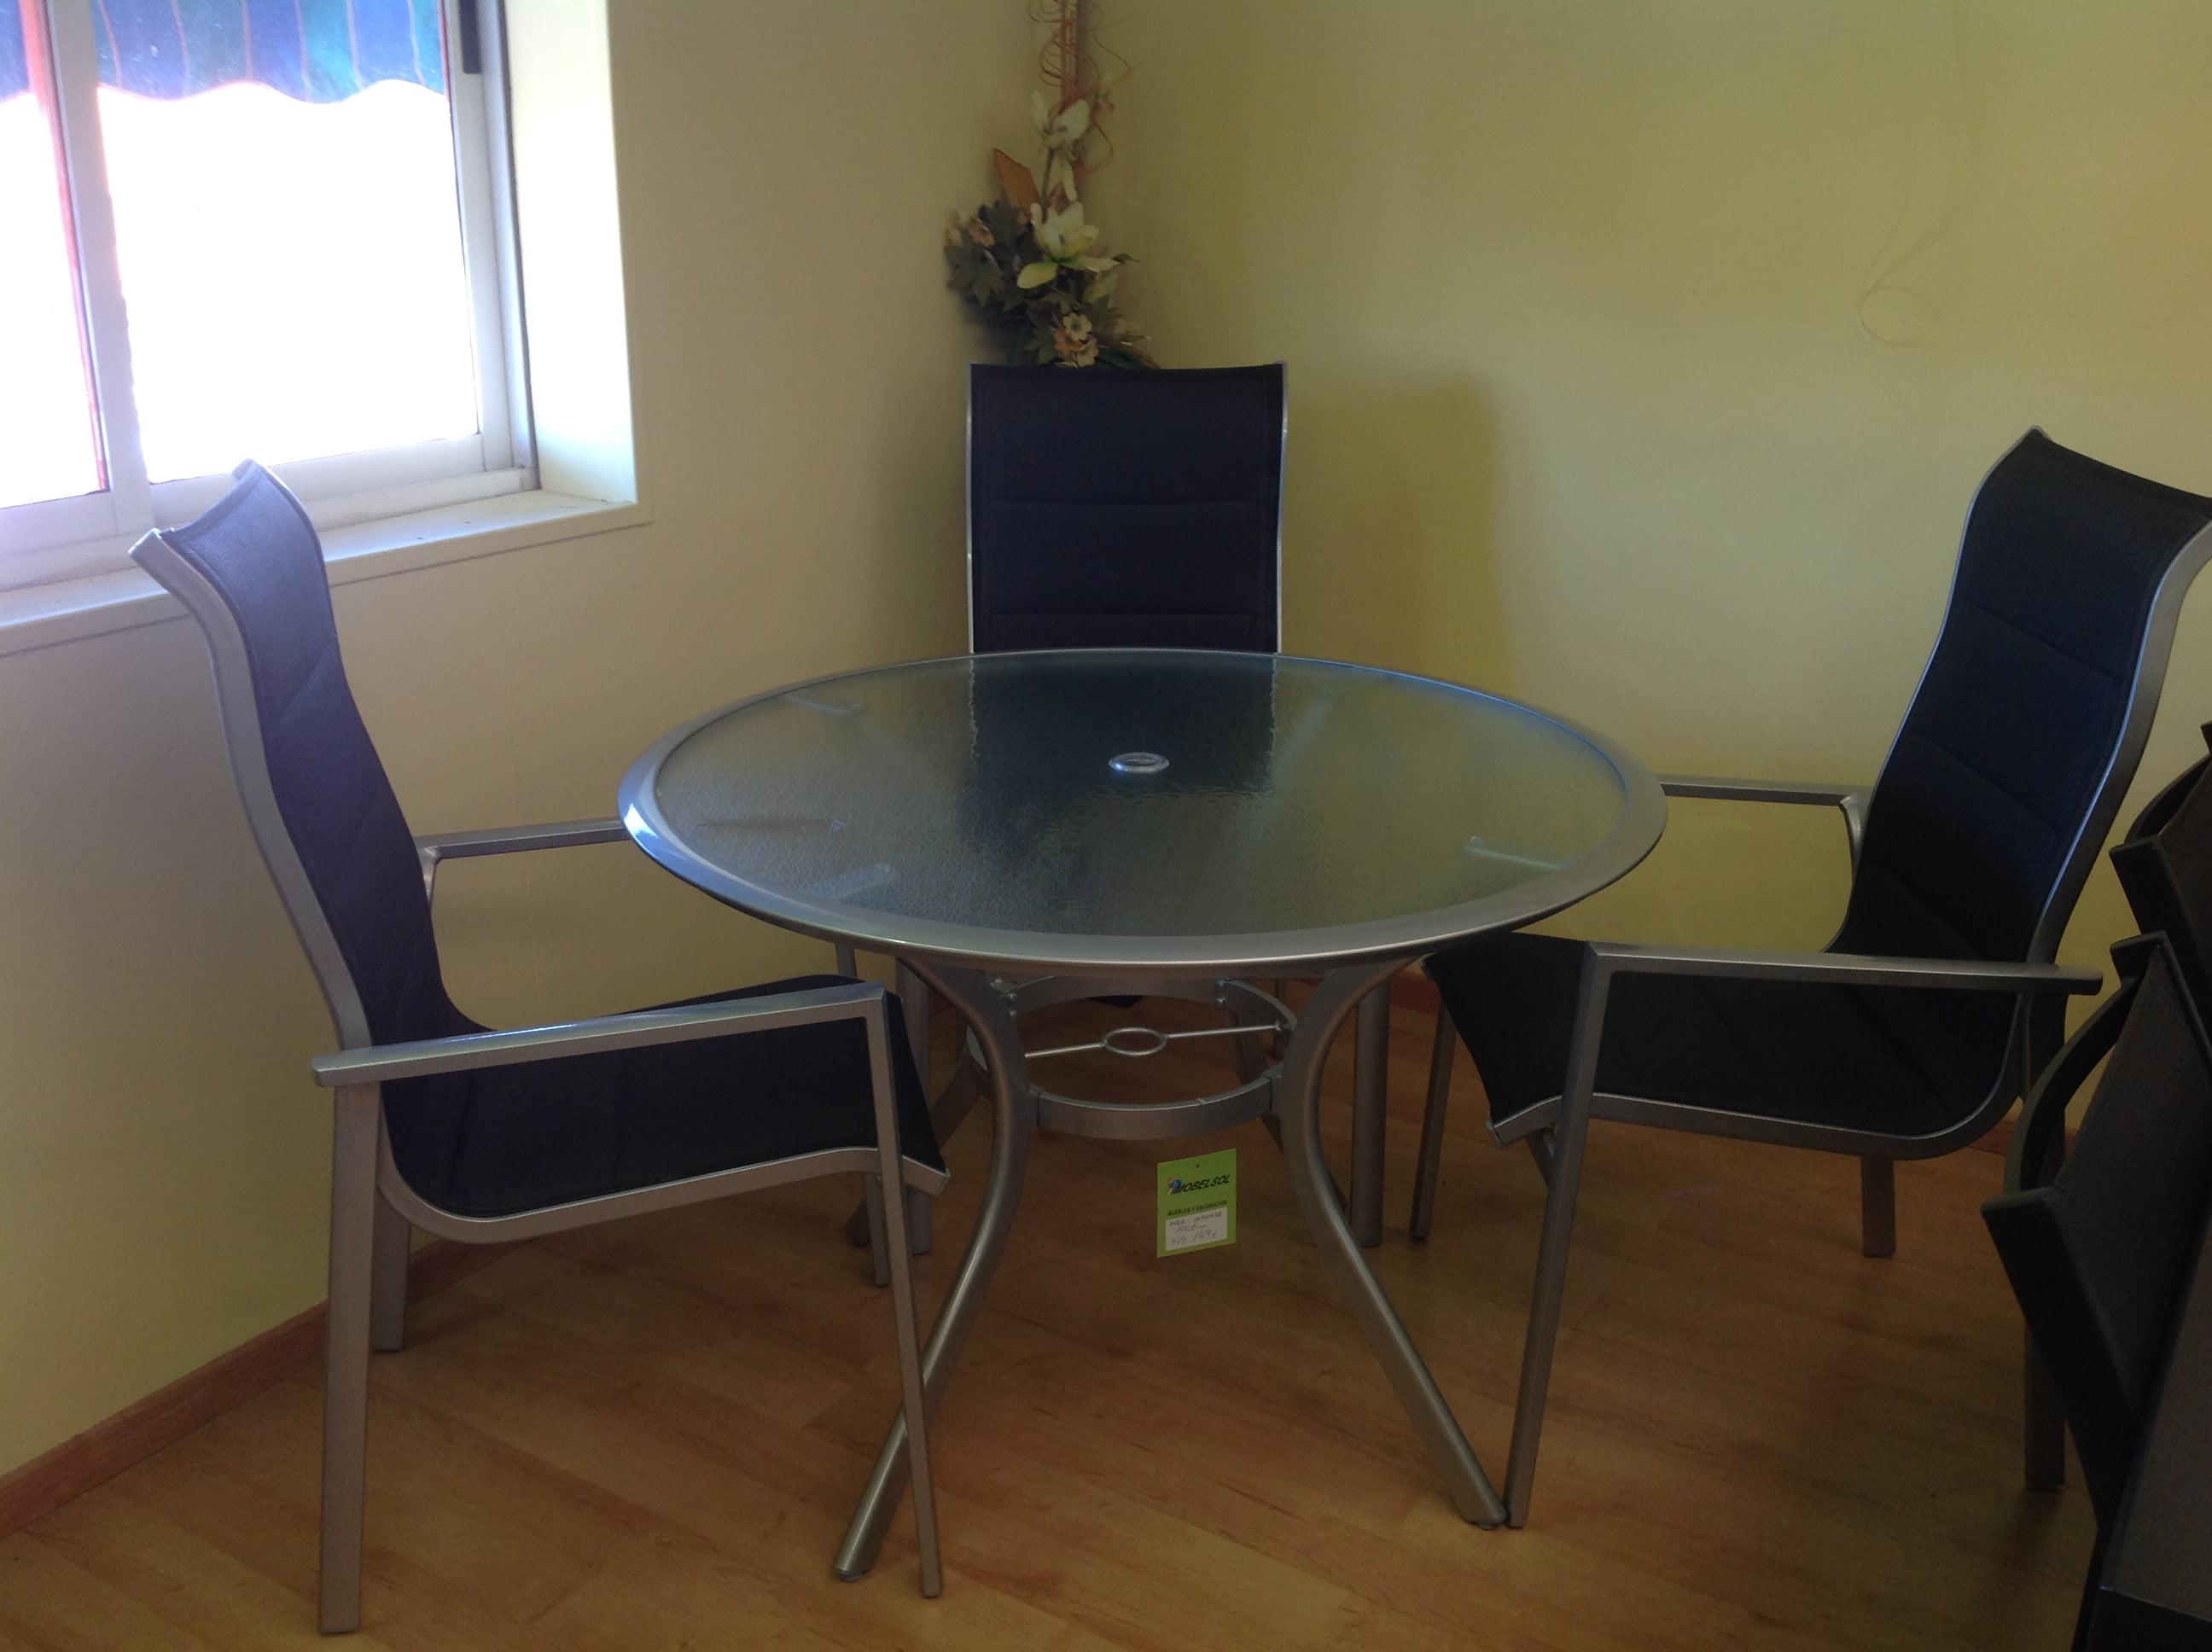 Zeichnen Mobelsol Tisch 105 Cm Im Durchmesser Und Drei Aluminium